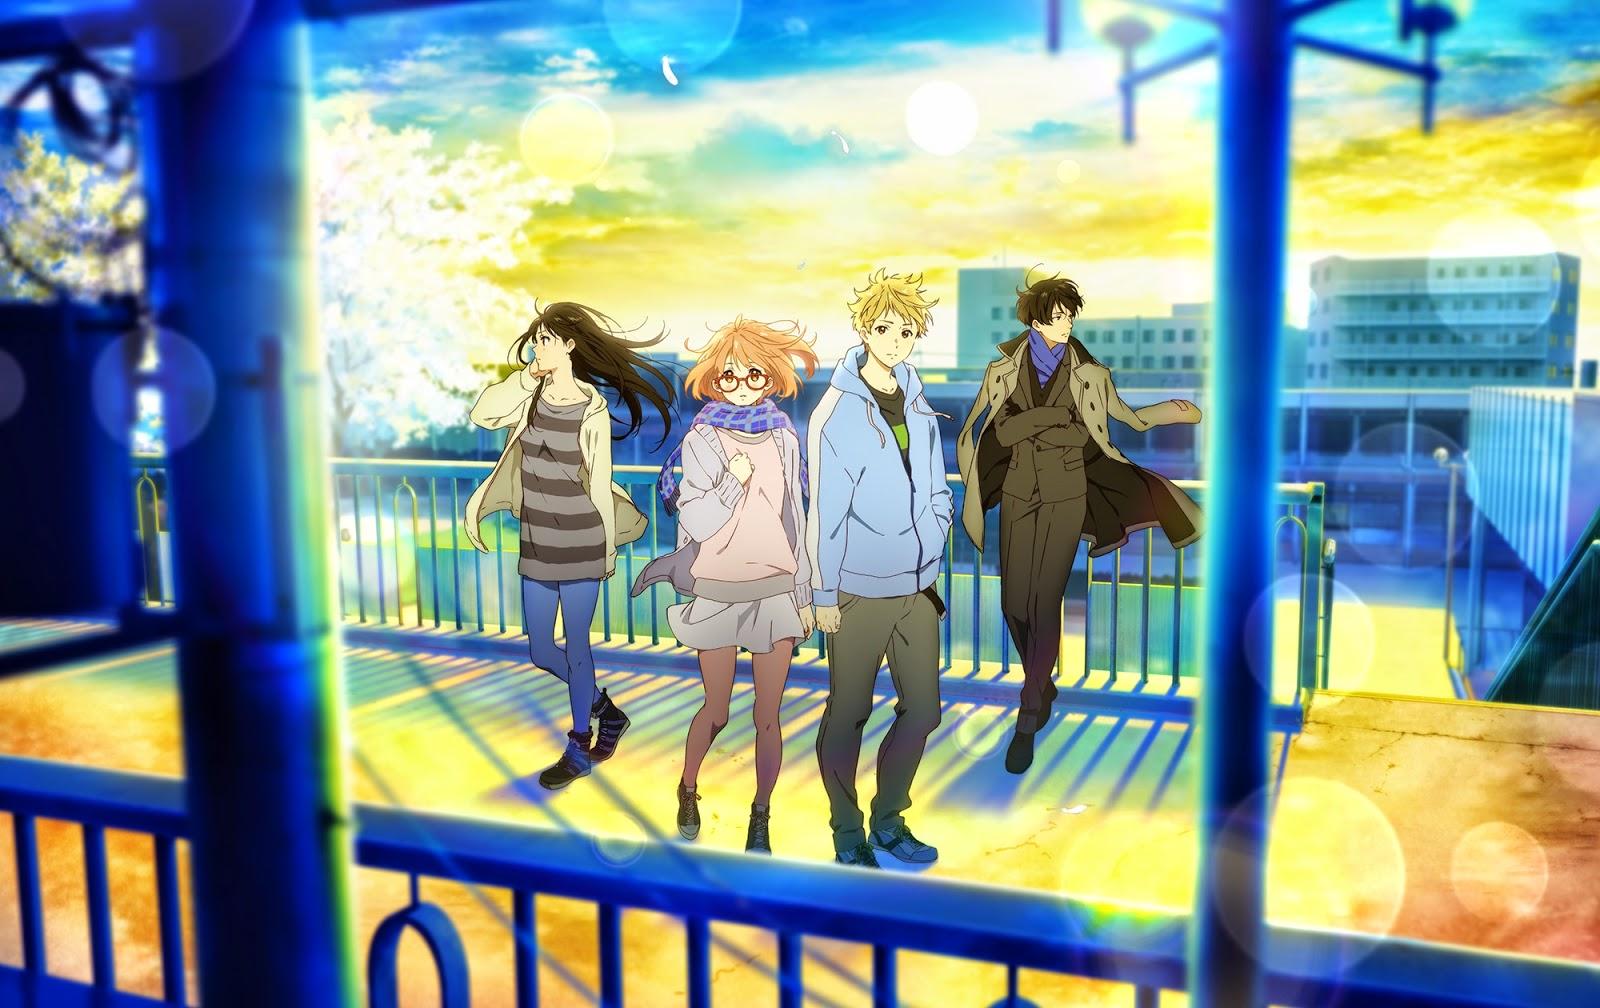 Gekijou-ban Kyoukai no Kanata: I'll Be Here - Mirai-hen imagen promocional